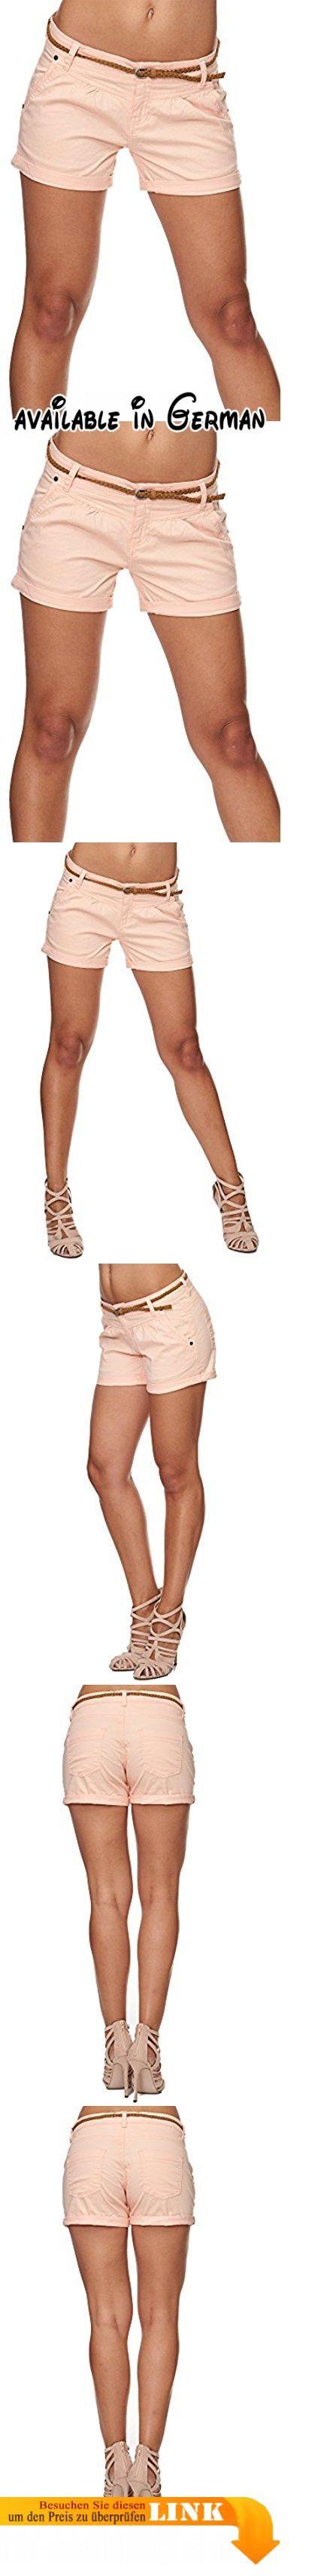 SUBLEVEL Damen Cuba Chino Shorts Bermuda kurze Hose inkl. Gürtel Pastel Orange M. STYLE: In hellen Sommerfarben überzeugt diese wundervolle Bermuda zudem mit einem weichen und leichtem Material. Perfekt für den Sommer!. LOOK: Helle Outfits mit weißen Shirts lassen sich super mit diesen leichten Hosen erstellen. Auch ein angesagter Print in Pastelltönen passt wunderbar dazu.. TRAGEGEFÜHL: Die kurze Hose von SUBLEVEL trägt sich sehr locker. Die Bundfalten sorgen für